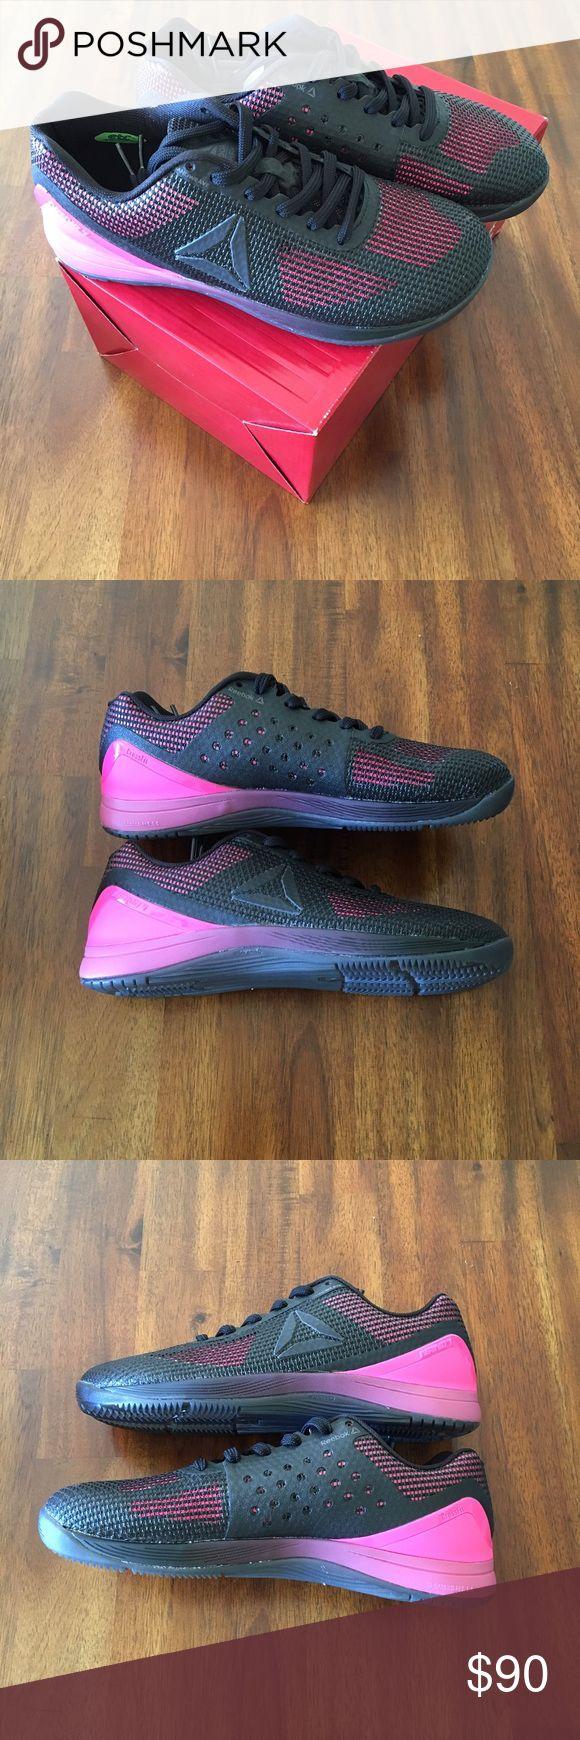 SALE Reebok Crossfit Nano 7.0 NIB, womens Crossfit Nano 7.0, size 8 Reebok Shoes Sneakers